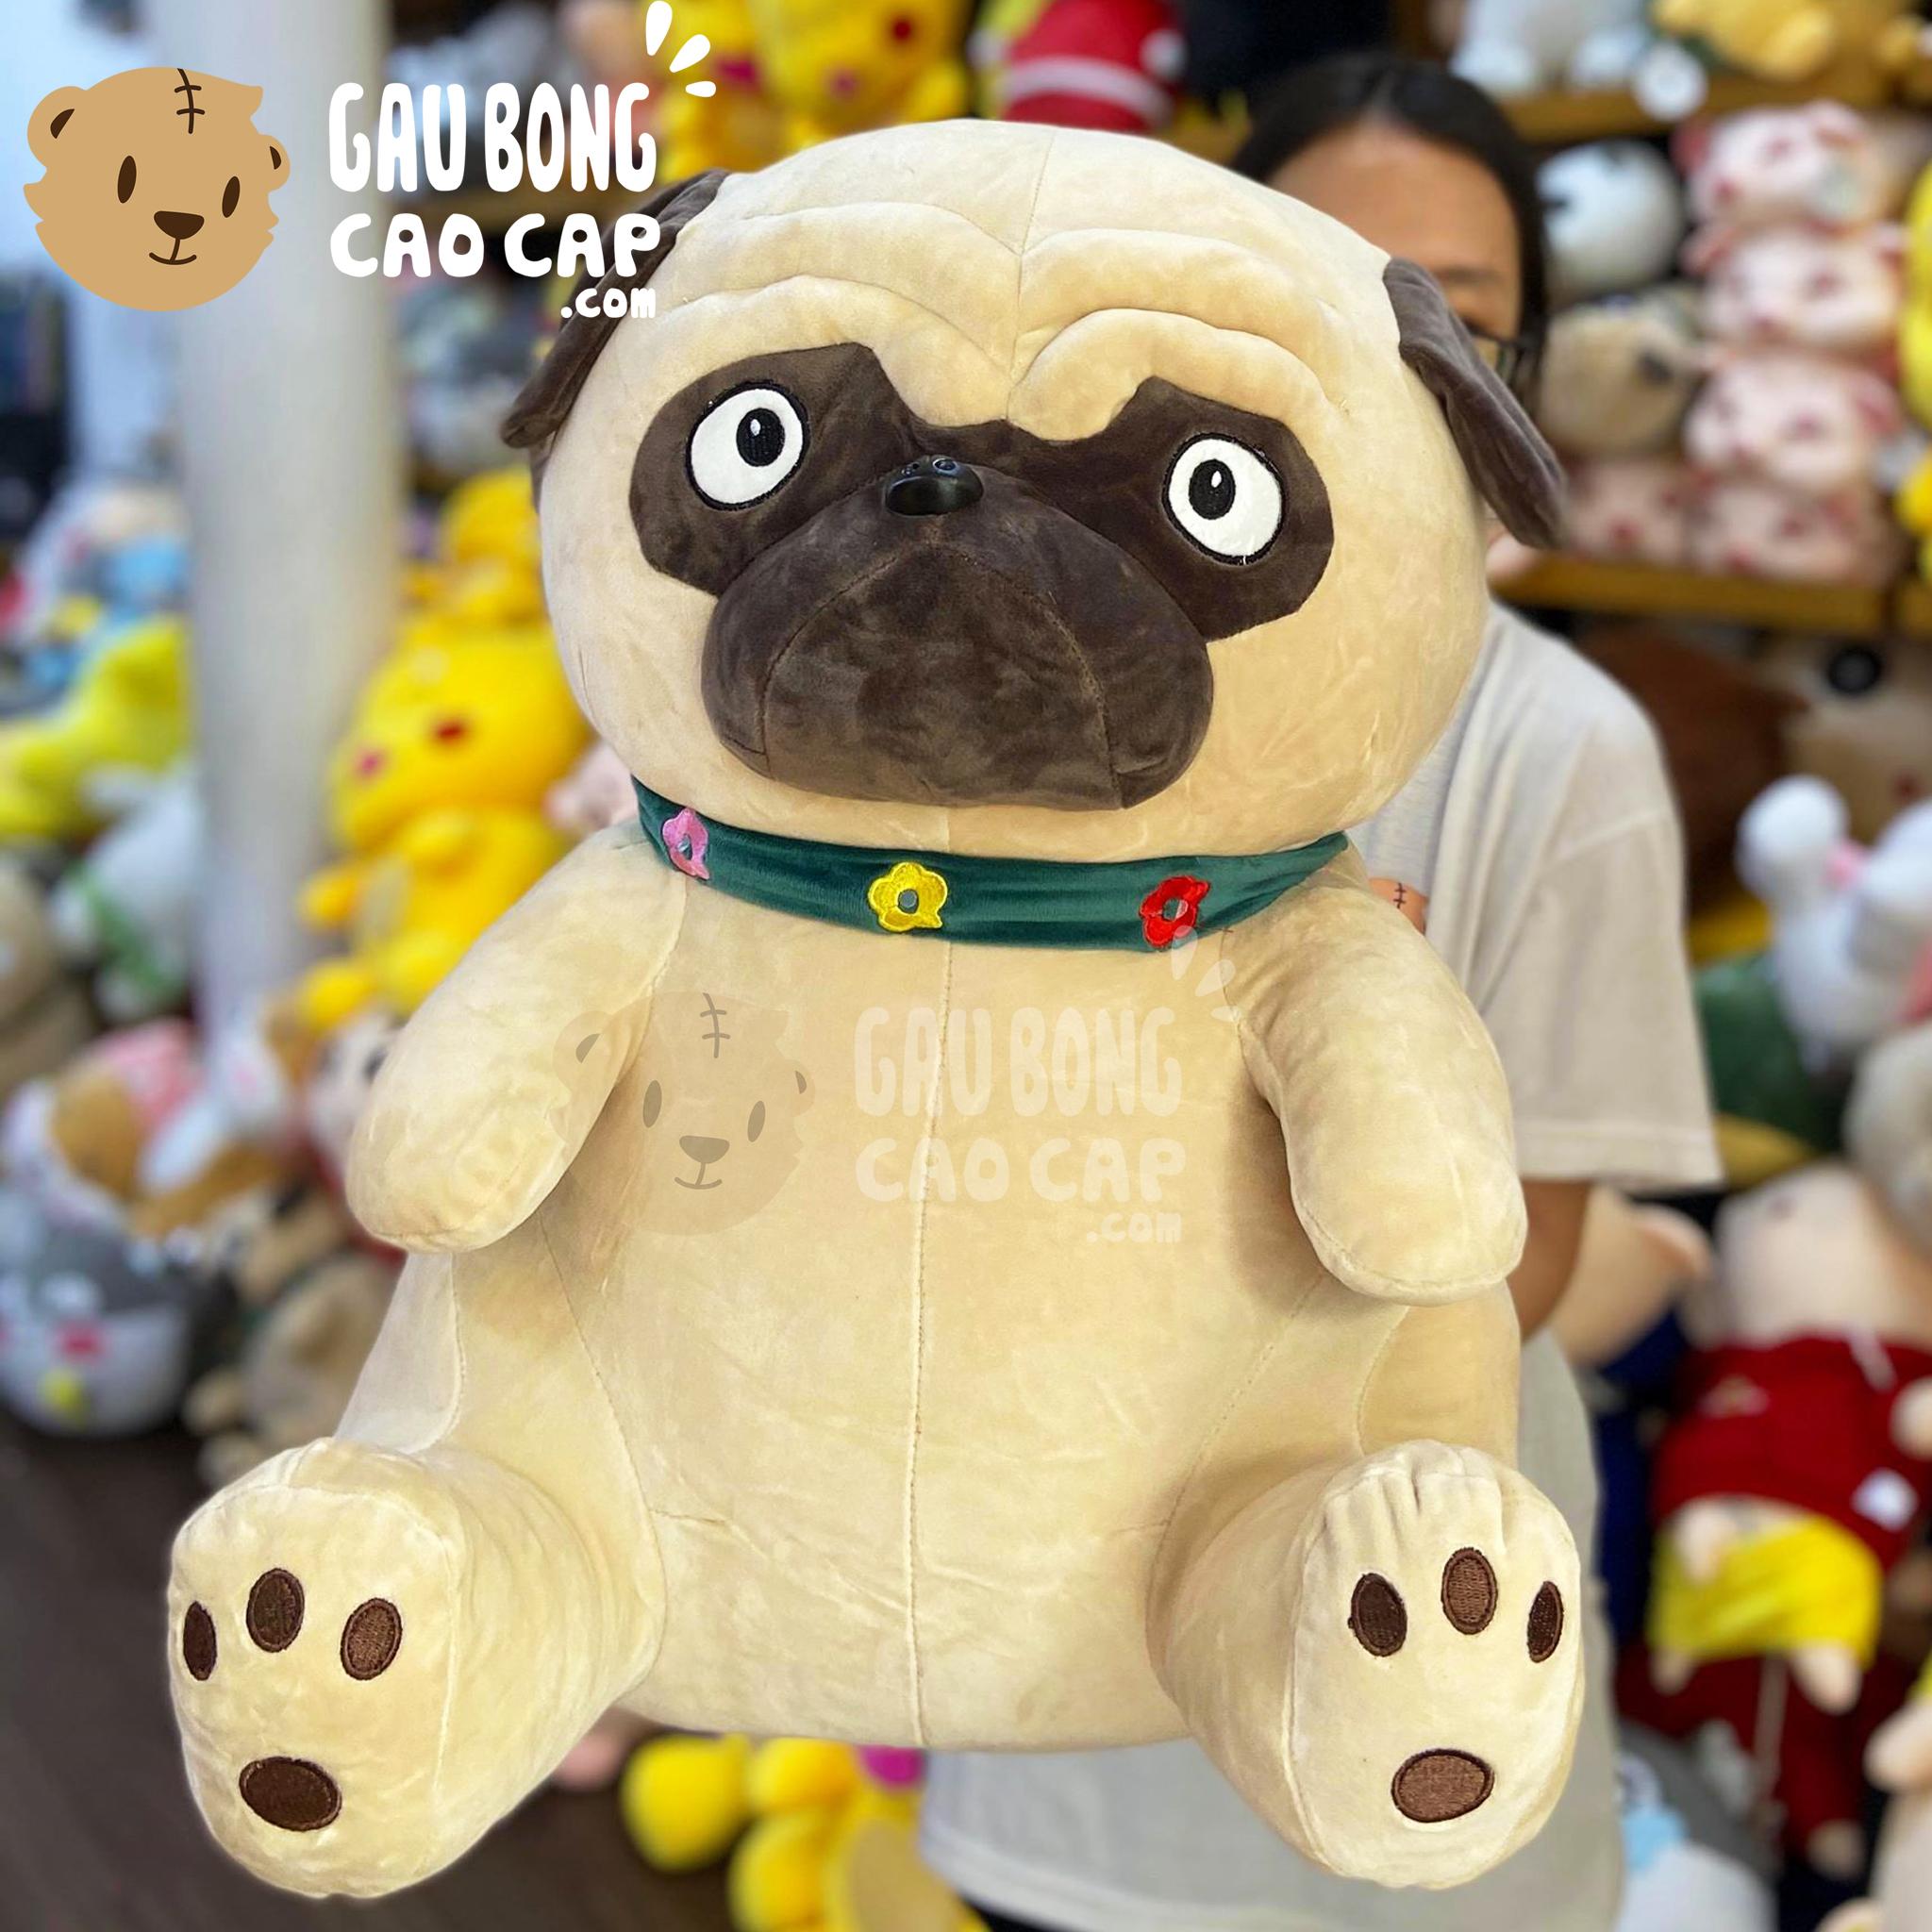 Chó Bông mặt xệ ngồi đeo khăn